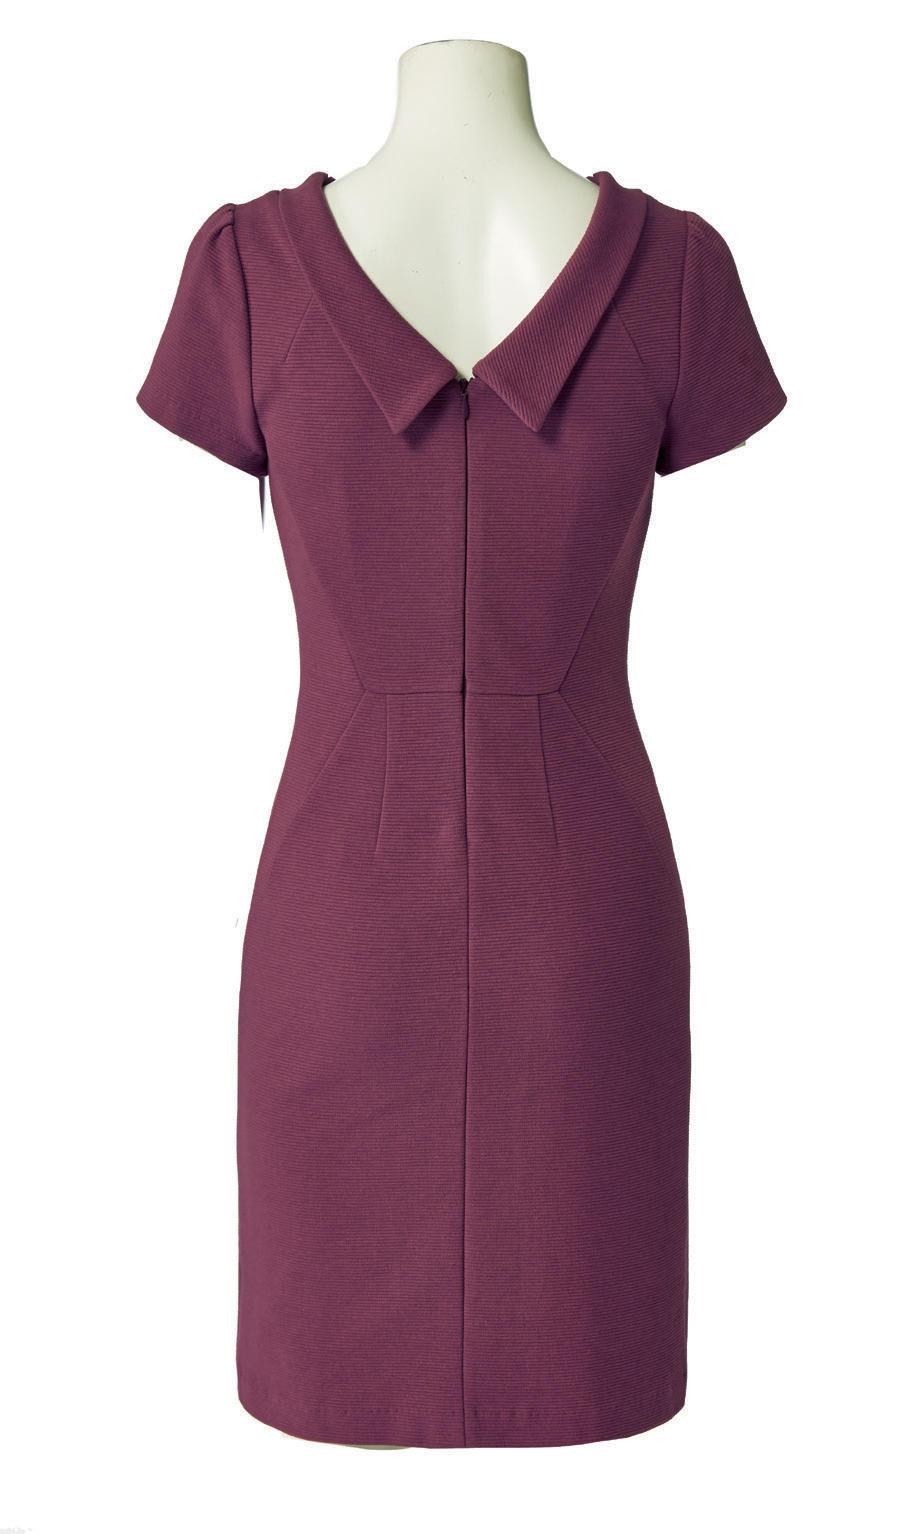 herbstkleider kleider von boden direkt zum bestellen